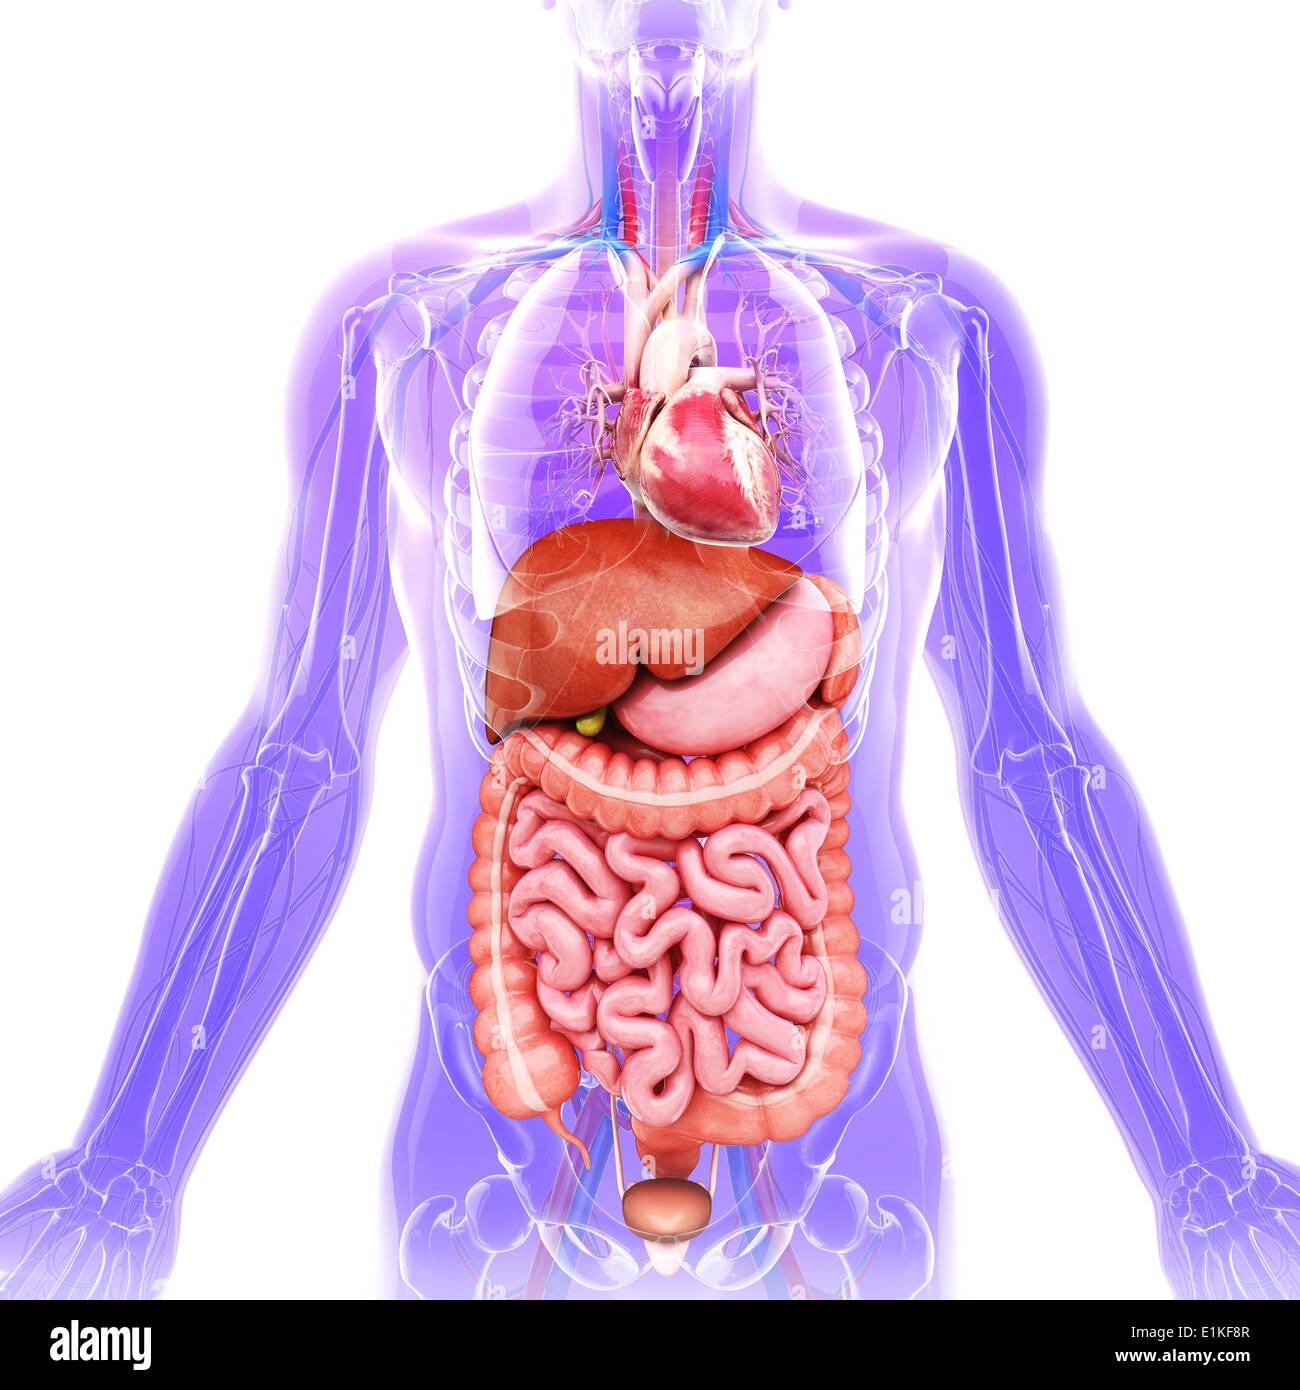 Fantastisch Menschliche Organe Bilder - Menschliche Anatomie Bilder ...